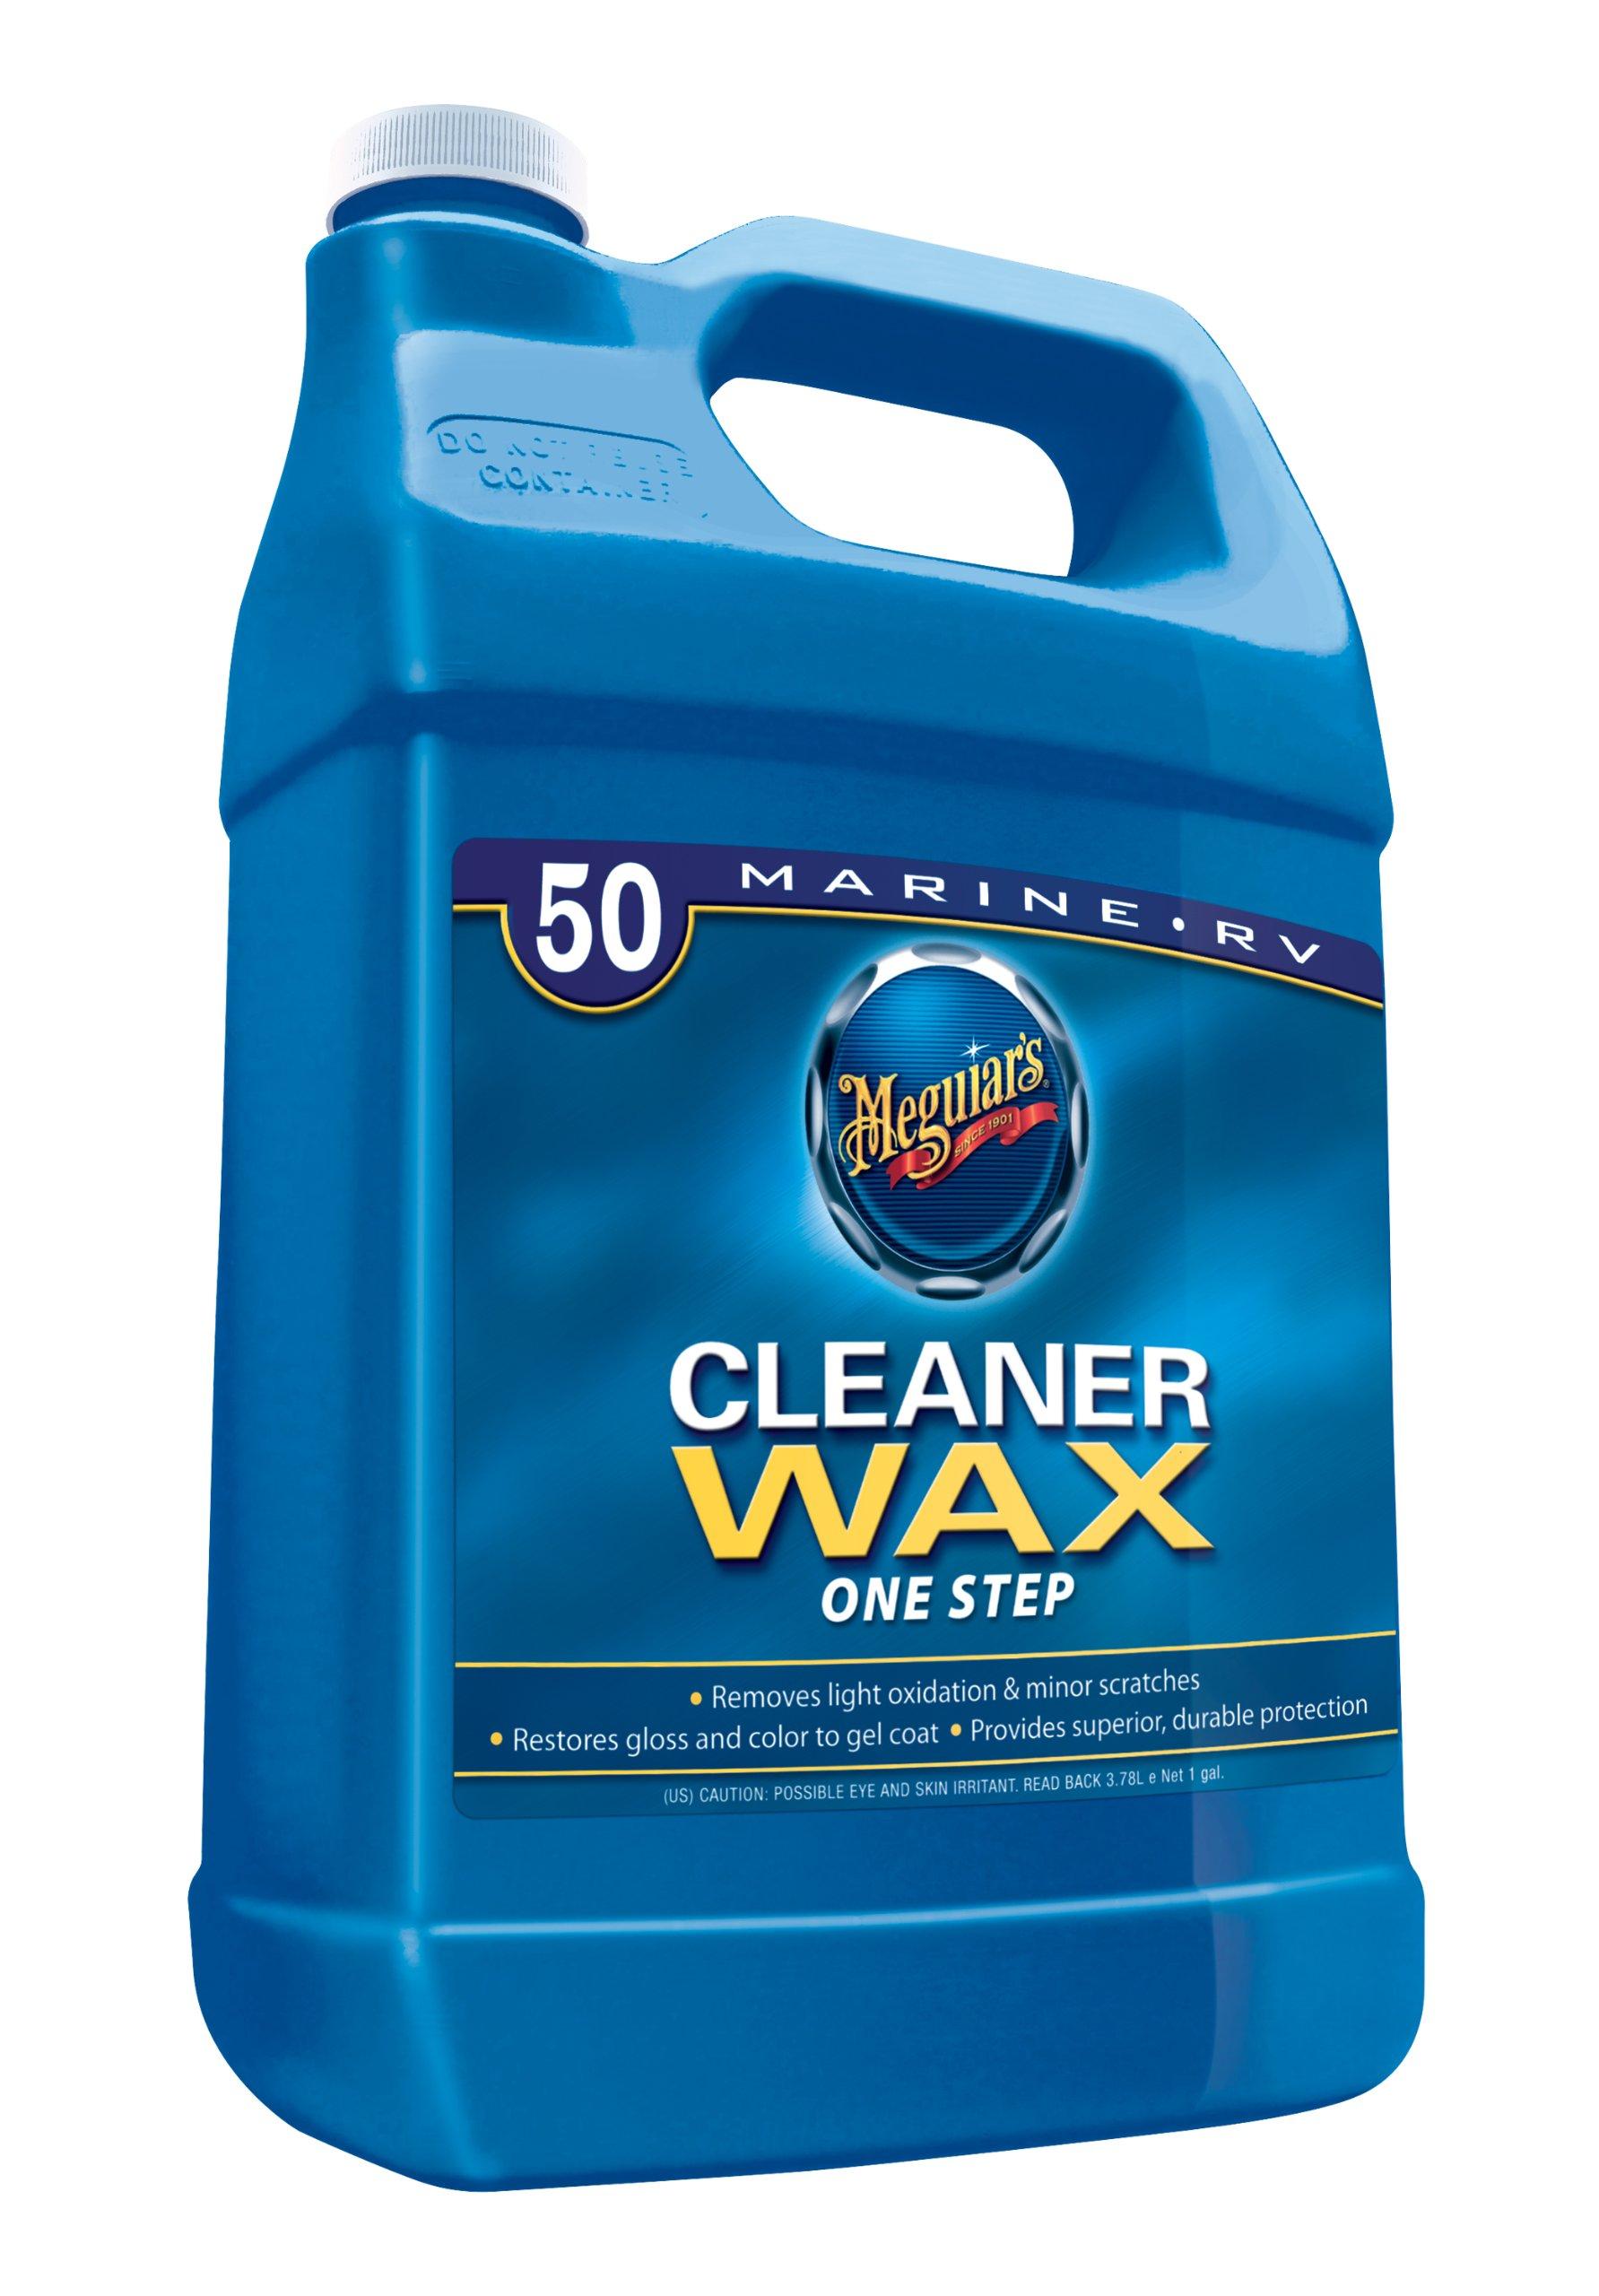 Meguiar S M5001 Marine Rv One Step Cleaner Wax 1 Gallon